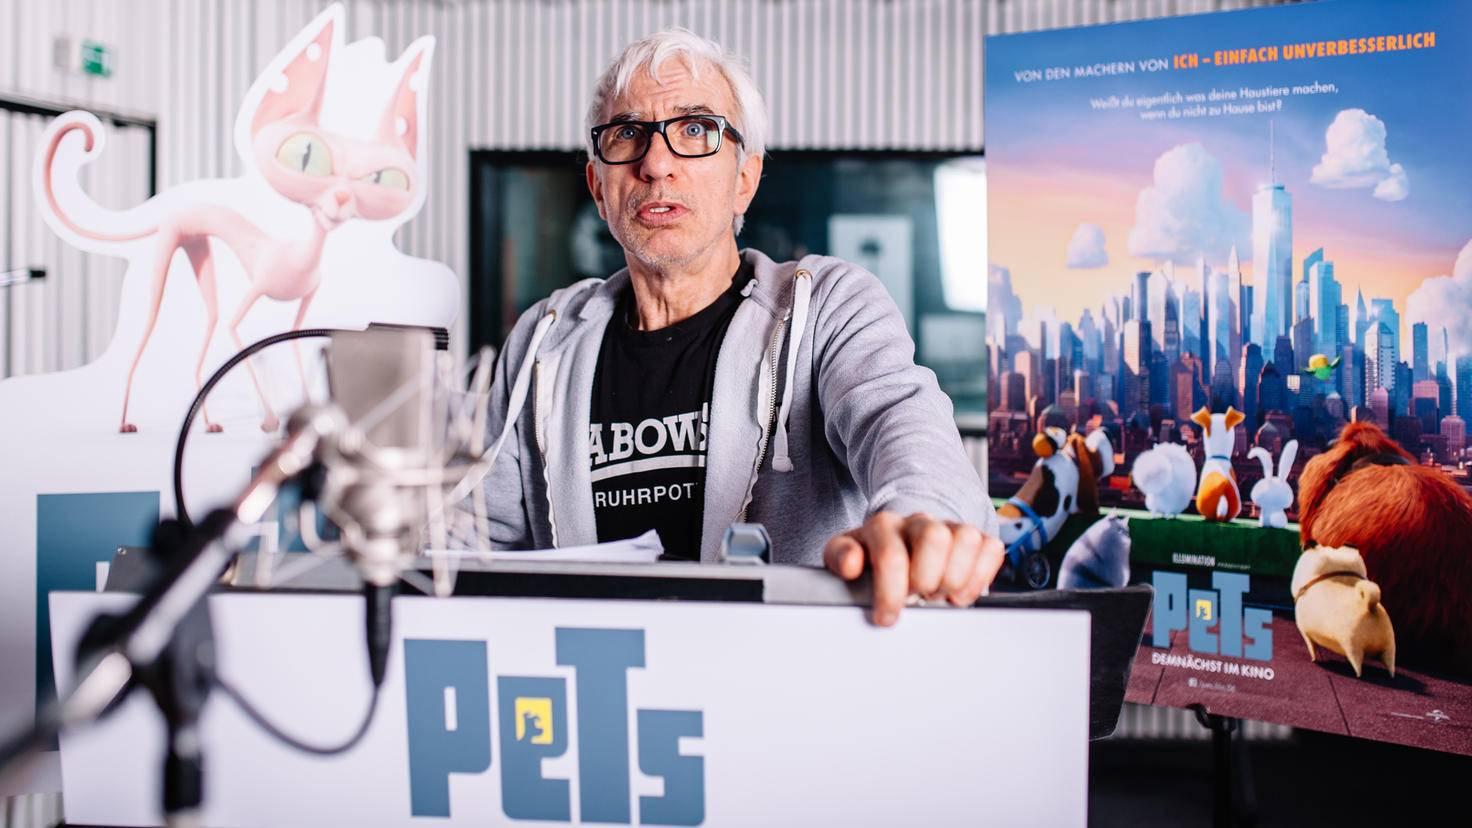 Der deutsche Schauspieler Ralf Richter spricht den Anführer einer Katzengang.